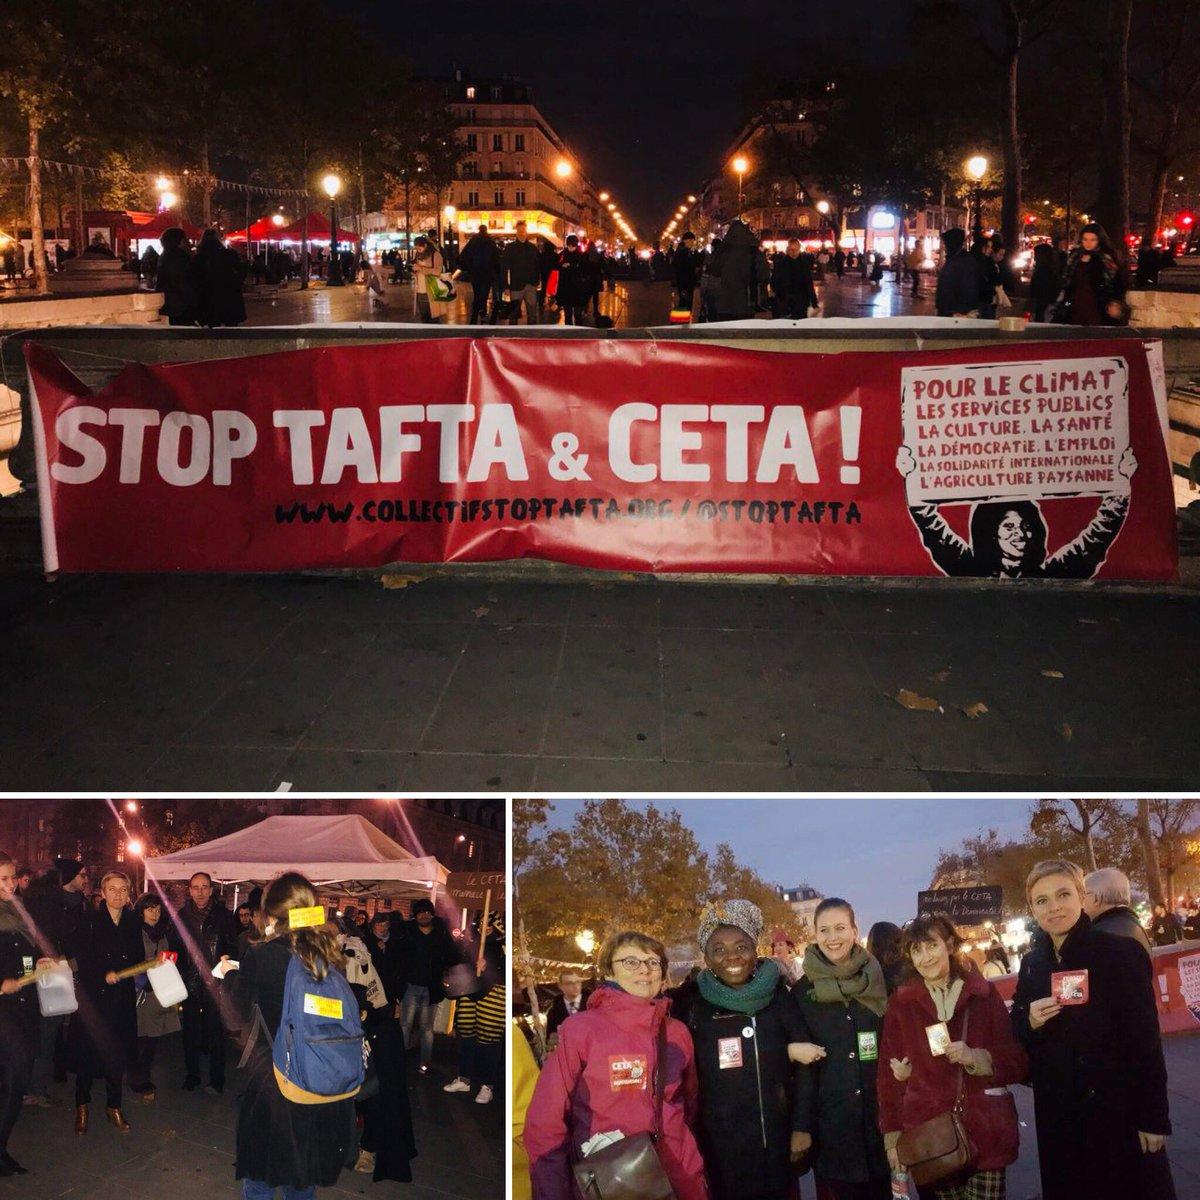 En cette fin d'après-midi, j'étais à l'initiative de @StopTAFTA pour dire non au CETA ! #ReferendumCETA pic.twitter.com/jQyDAiAgpH